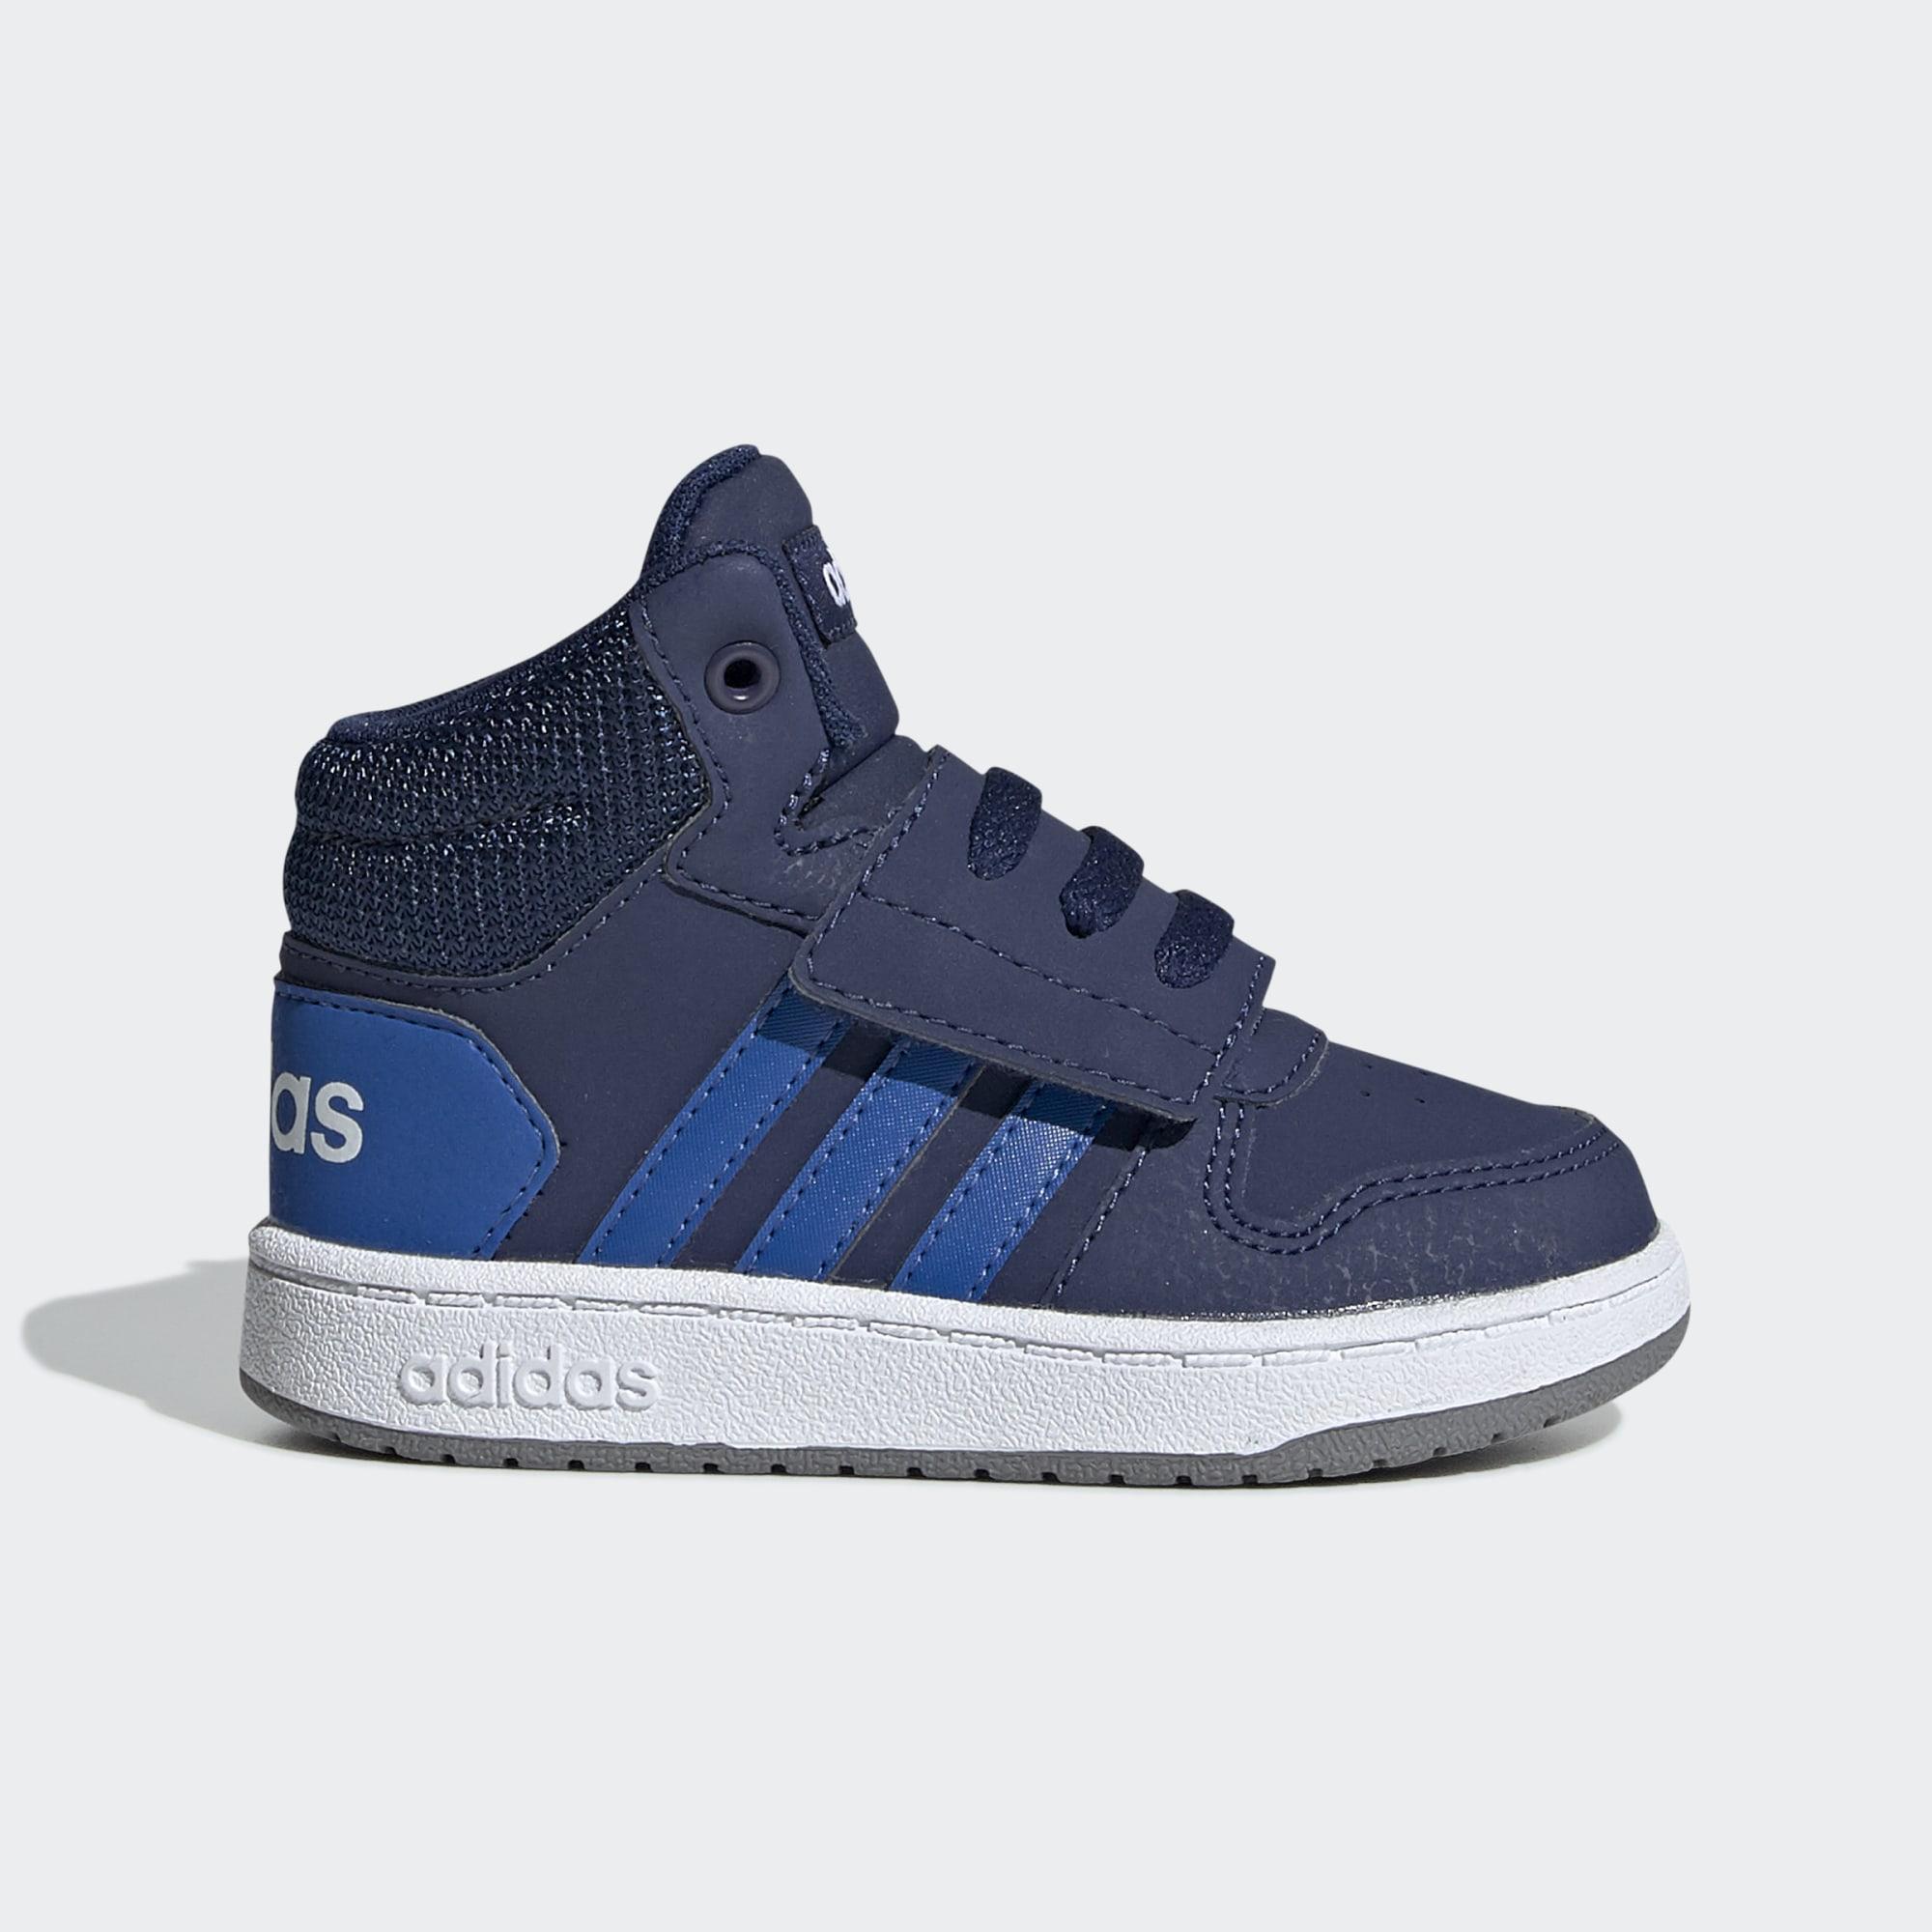 Baskets Adidas Hoops 2.0 pour Enfants - Tailles 20 à 26